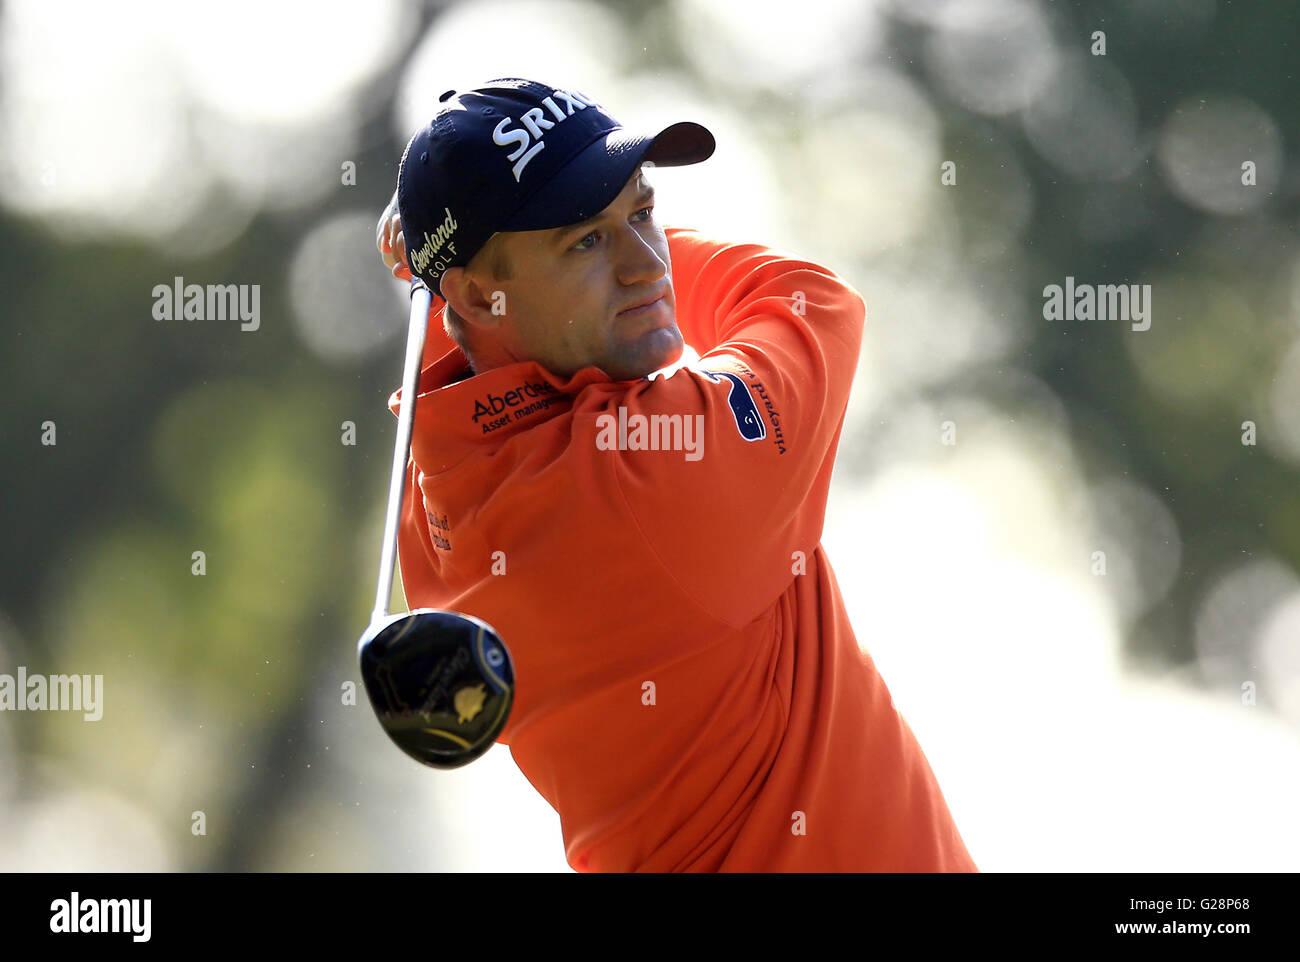 Schottlands Russell Knox in der ersten Runde der BMW PGA Championship im Wentworth Club, Windsor. PRESSEVERBAND Stockbild